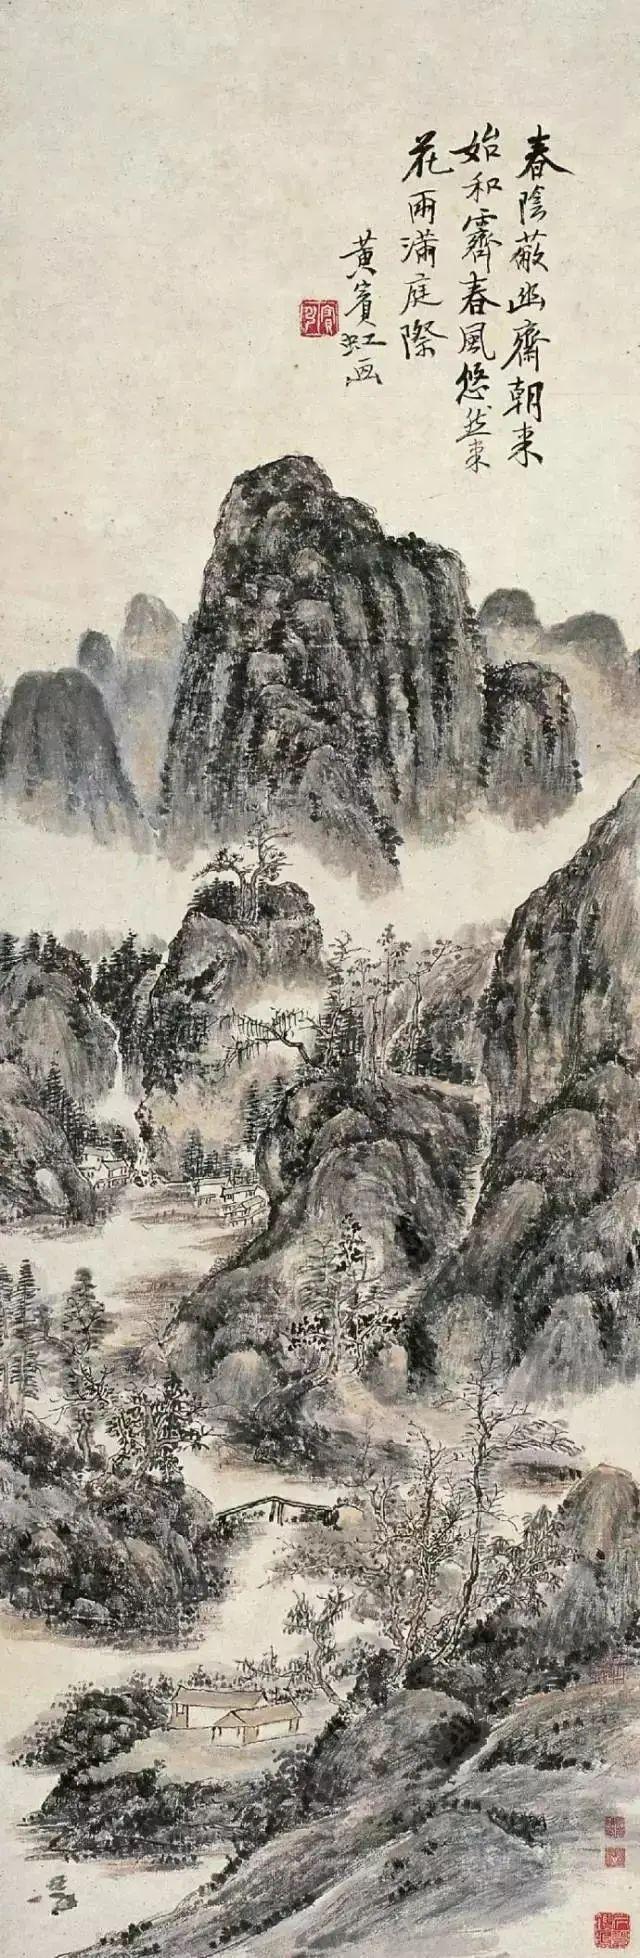 中国画的笔墨之道